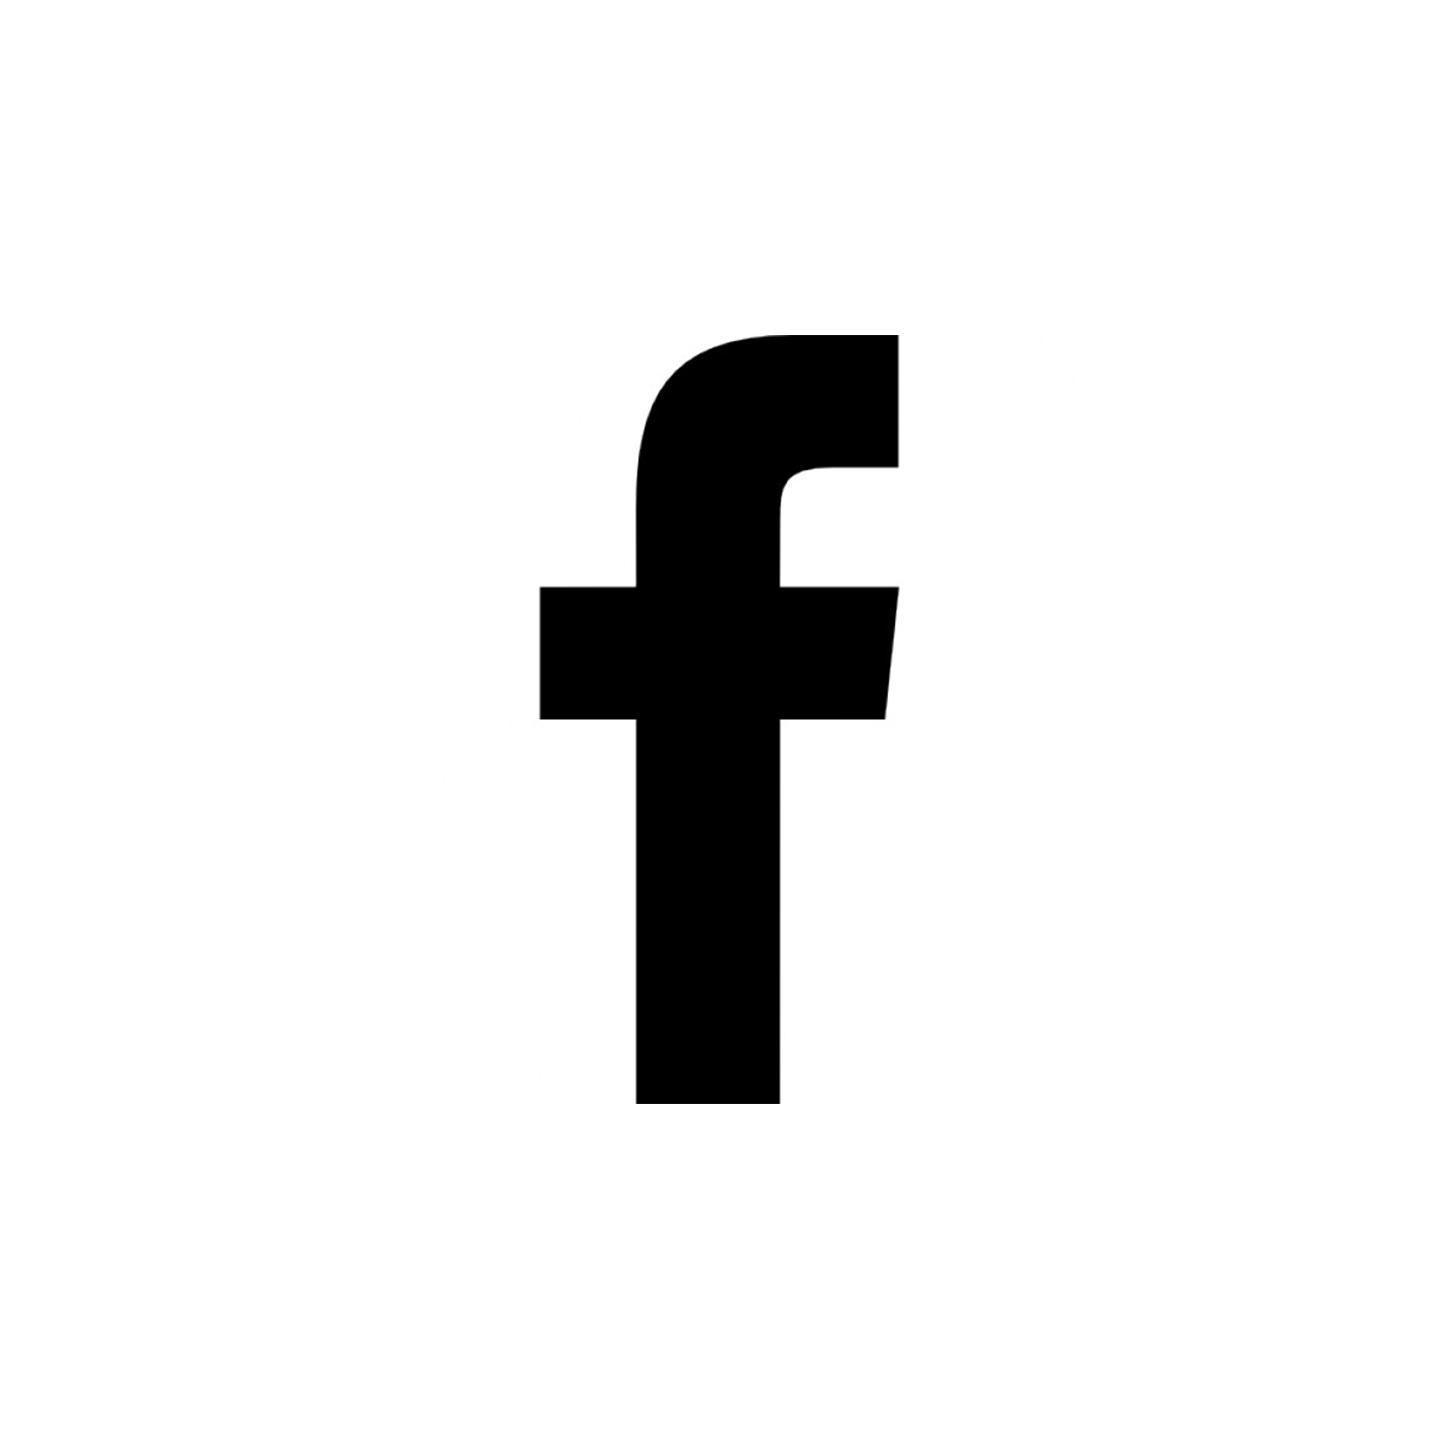 flora & fauna fine food facebook page